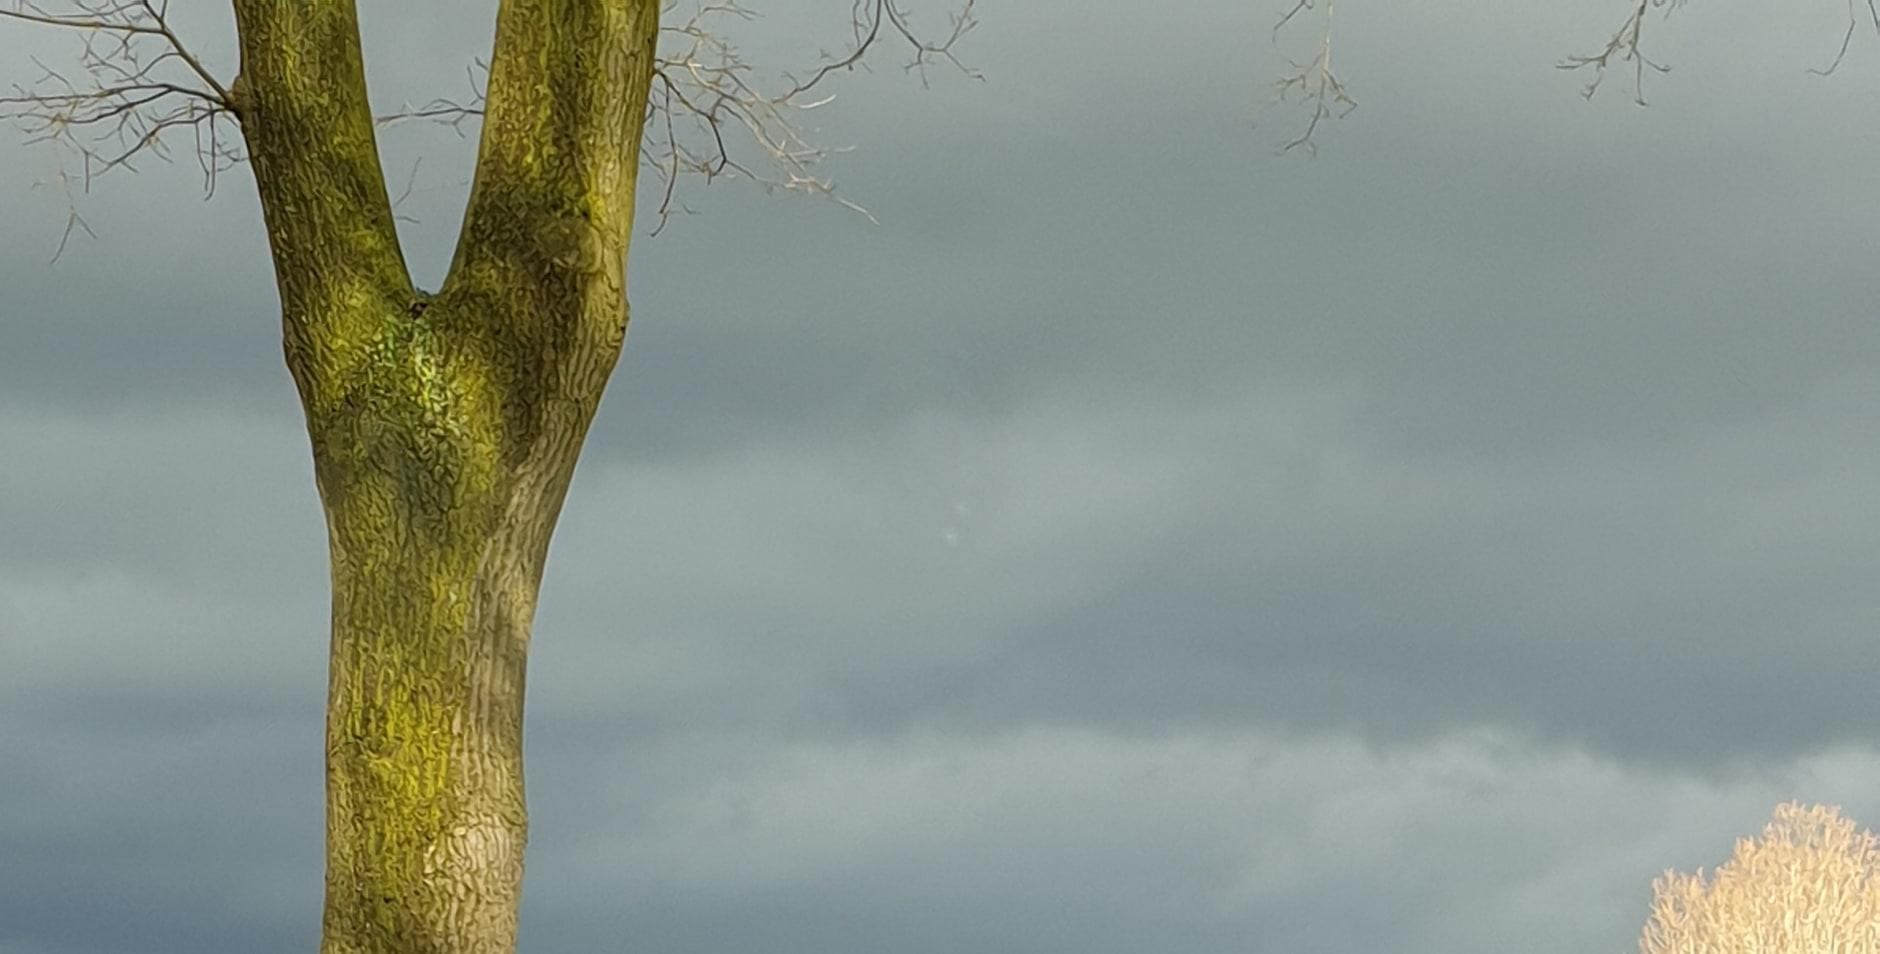 Natuur zo'n van achter bij n donkere lucht